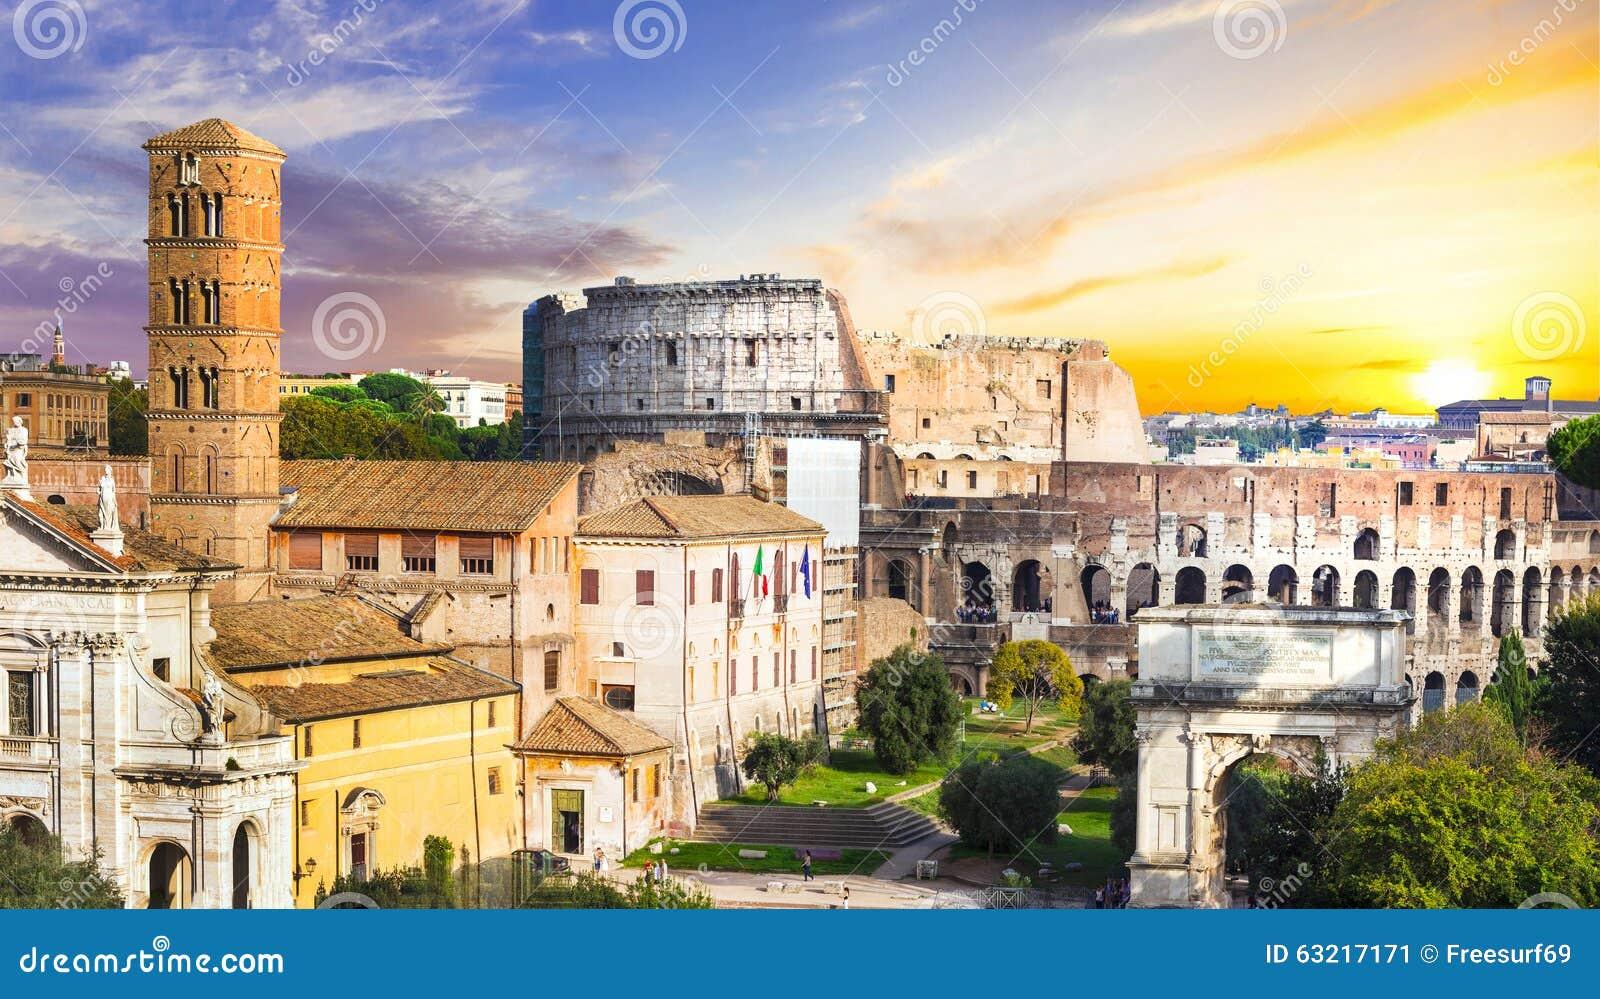 Colosseum över solnedgång